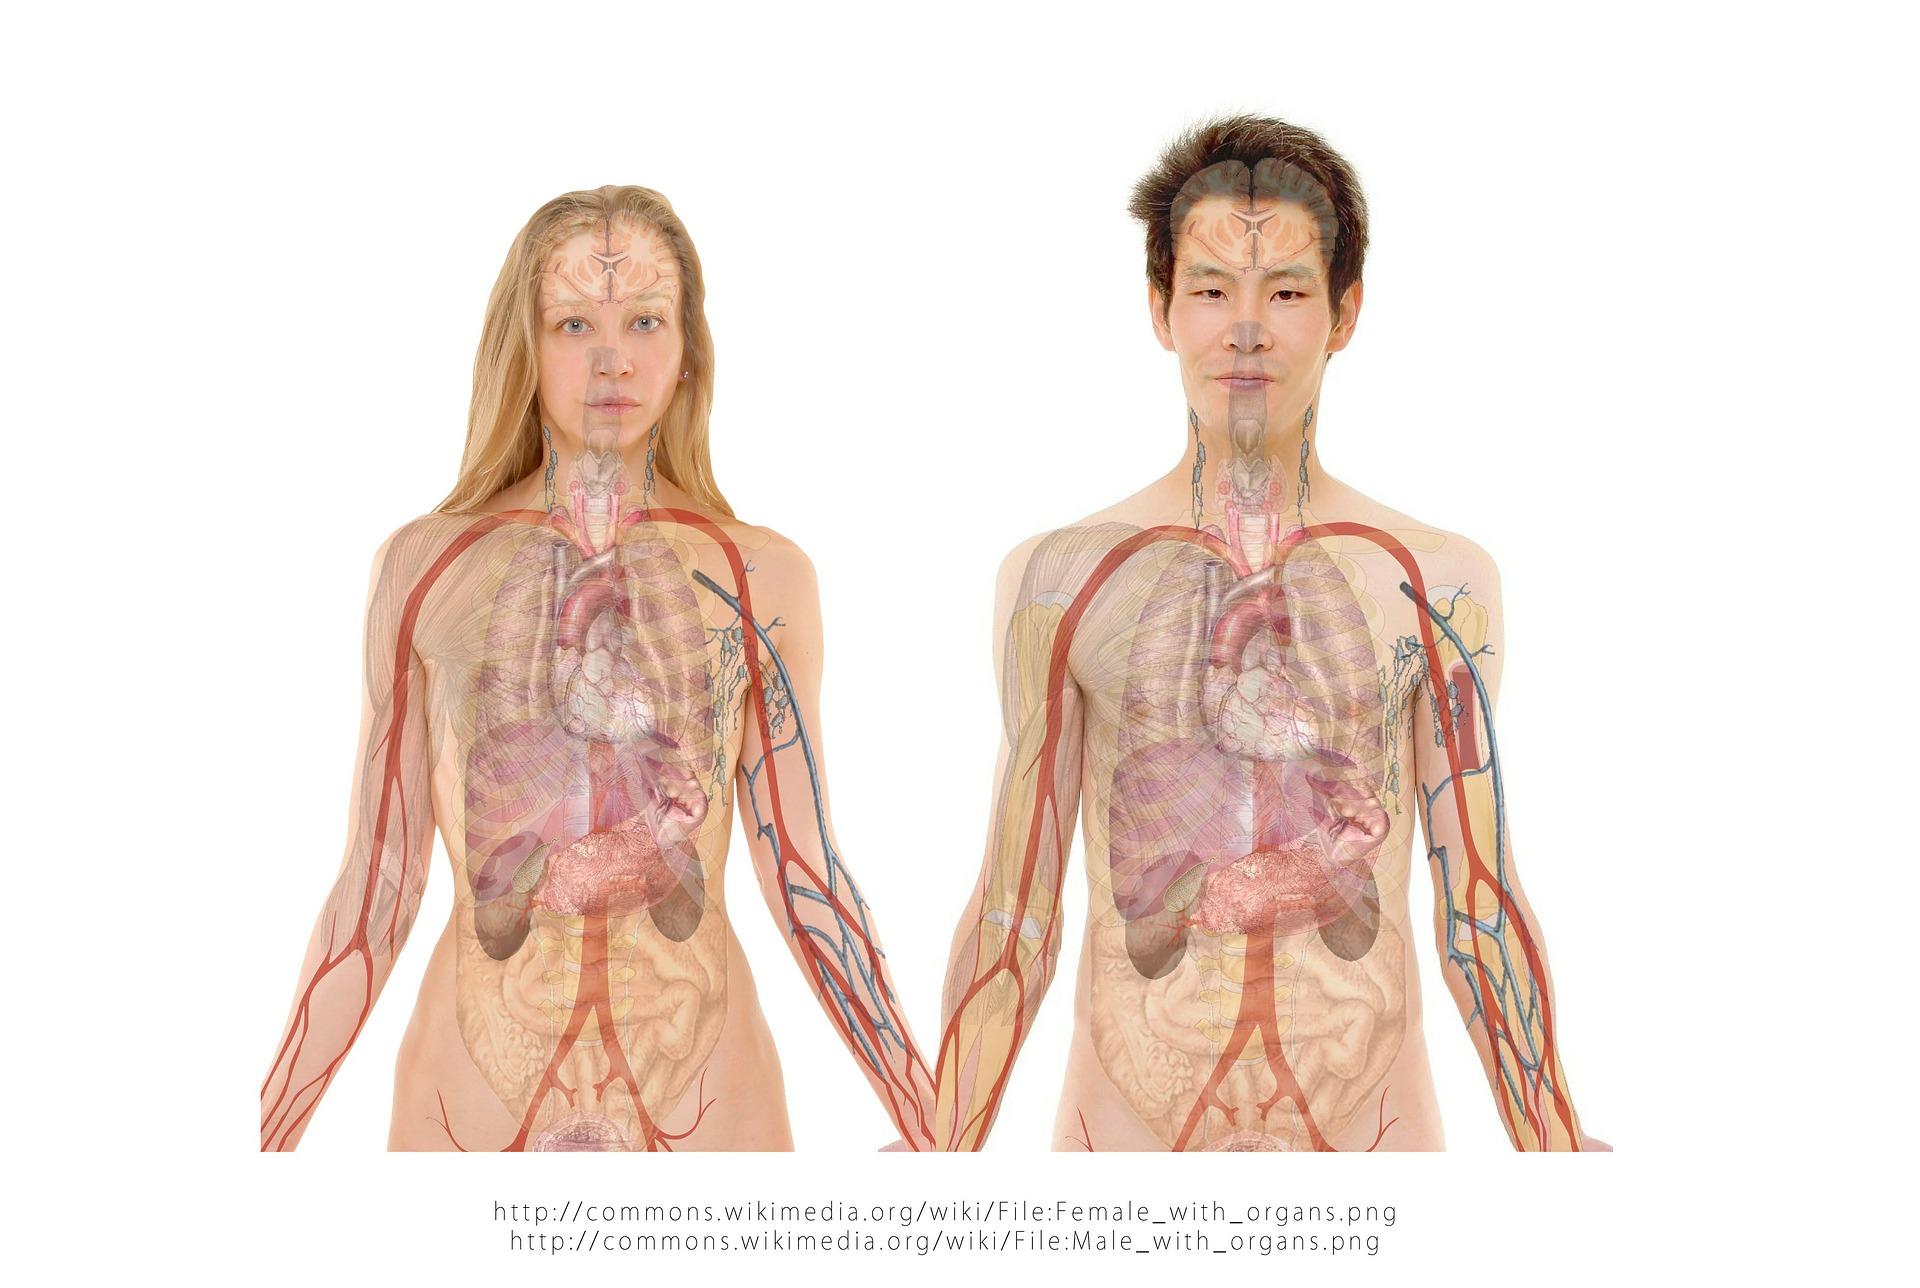 Malattia da reflusso gastroesofageo: raccomandazioni dietetiche e regole comportamentali